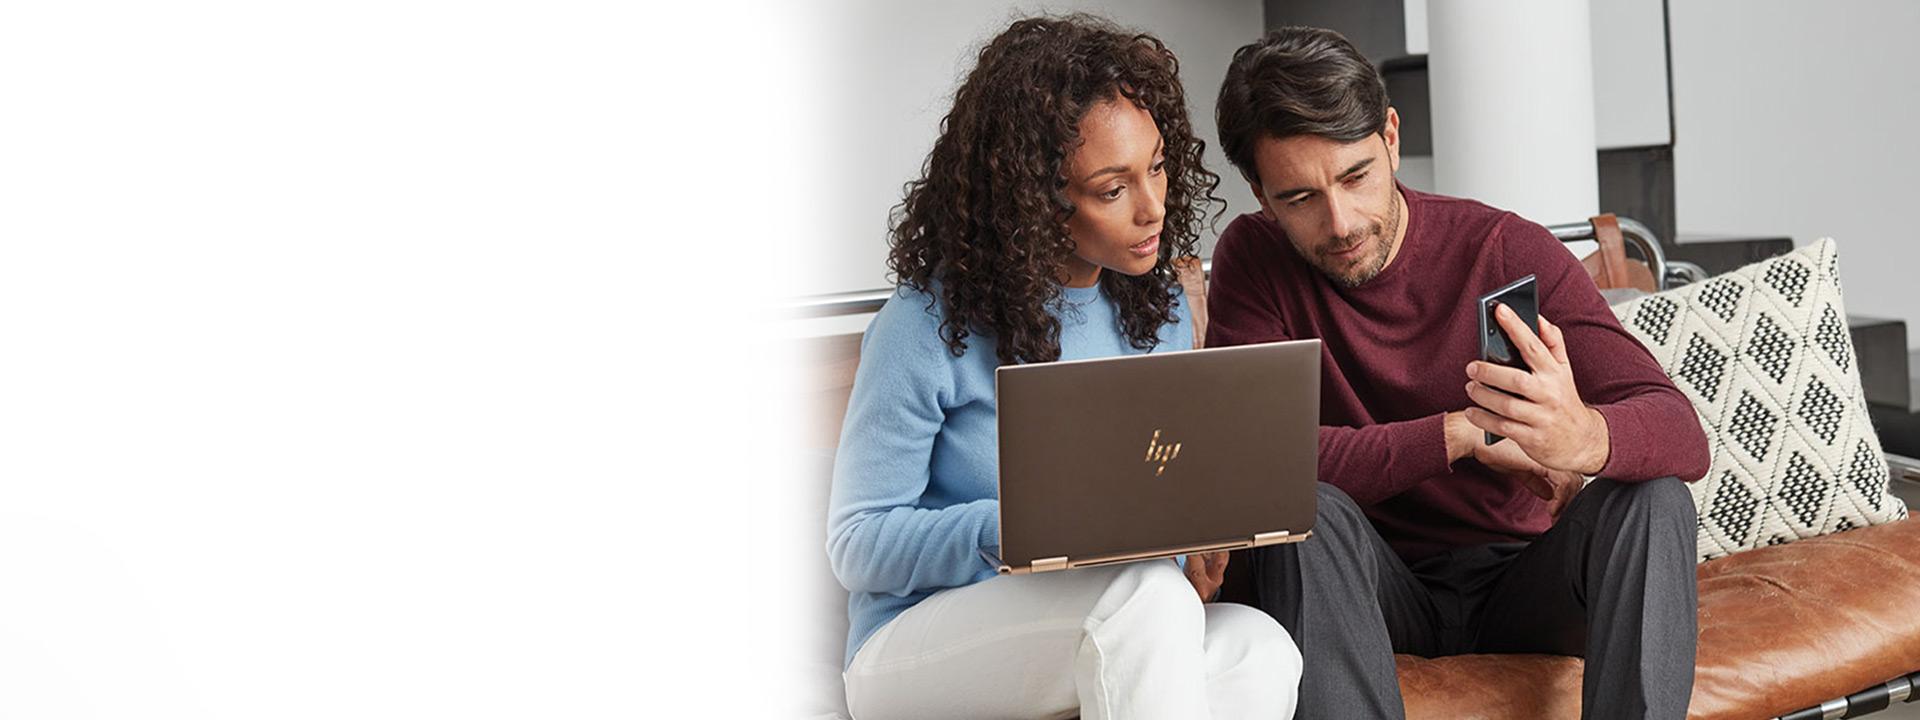 Une femme et un homme assis sur un canapé regardent ensemble un ordinateur portable et un appareil mobile Windows10